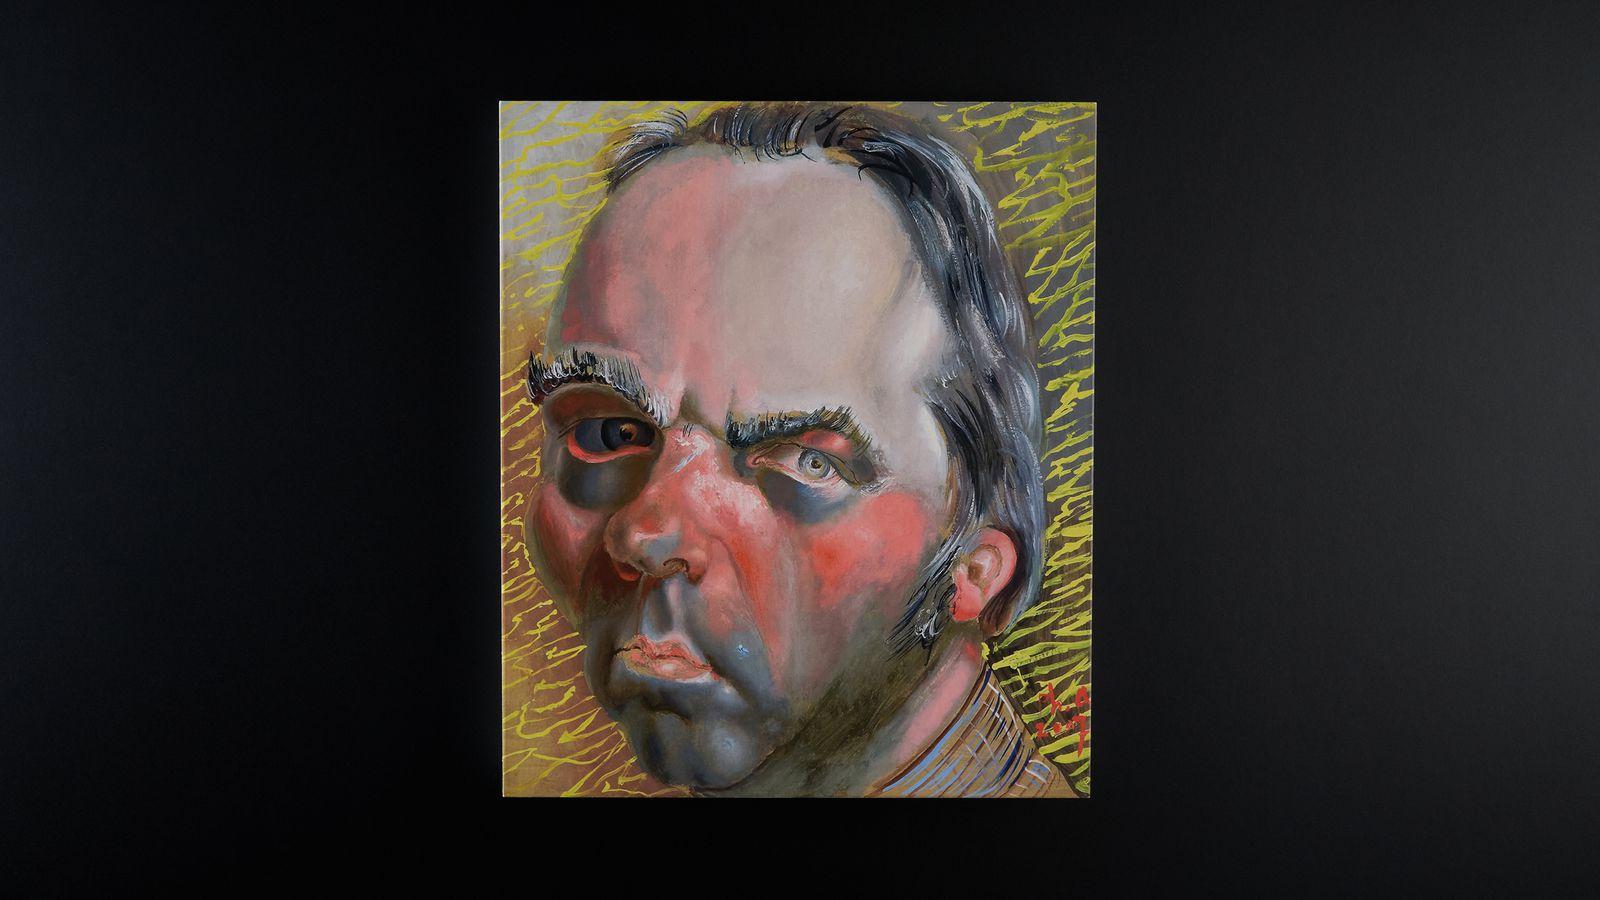 Het doel van het bestaan is het maken van een zelfportret, Philip Akkerman - Cover.jpg